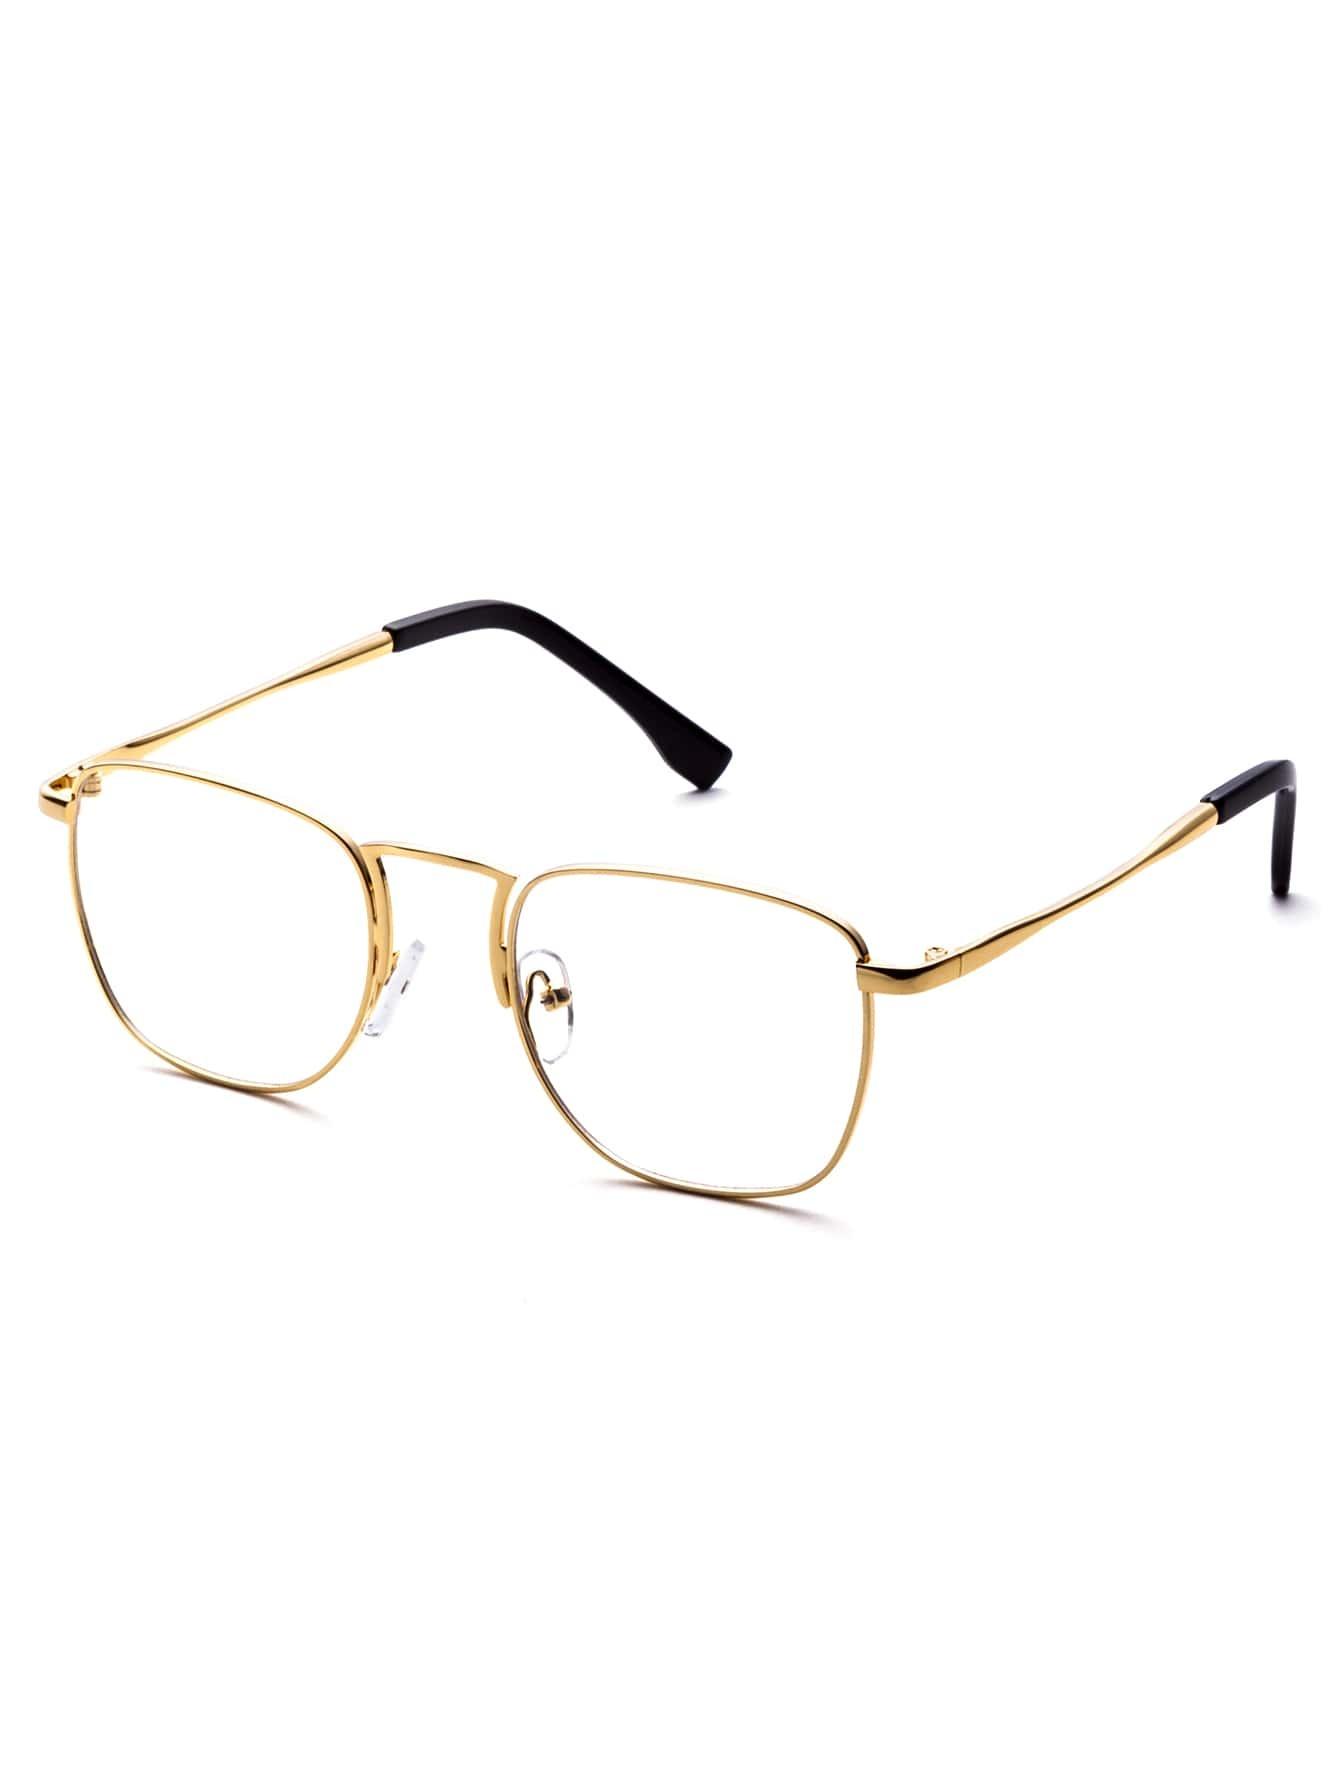 Gold Metal Eyeglass Frames : Gold Metal Frame Clear Lens Glasses